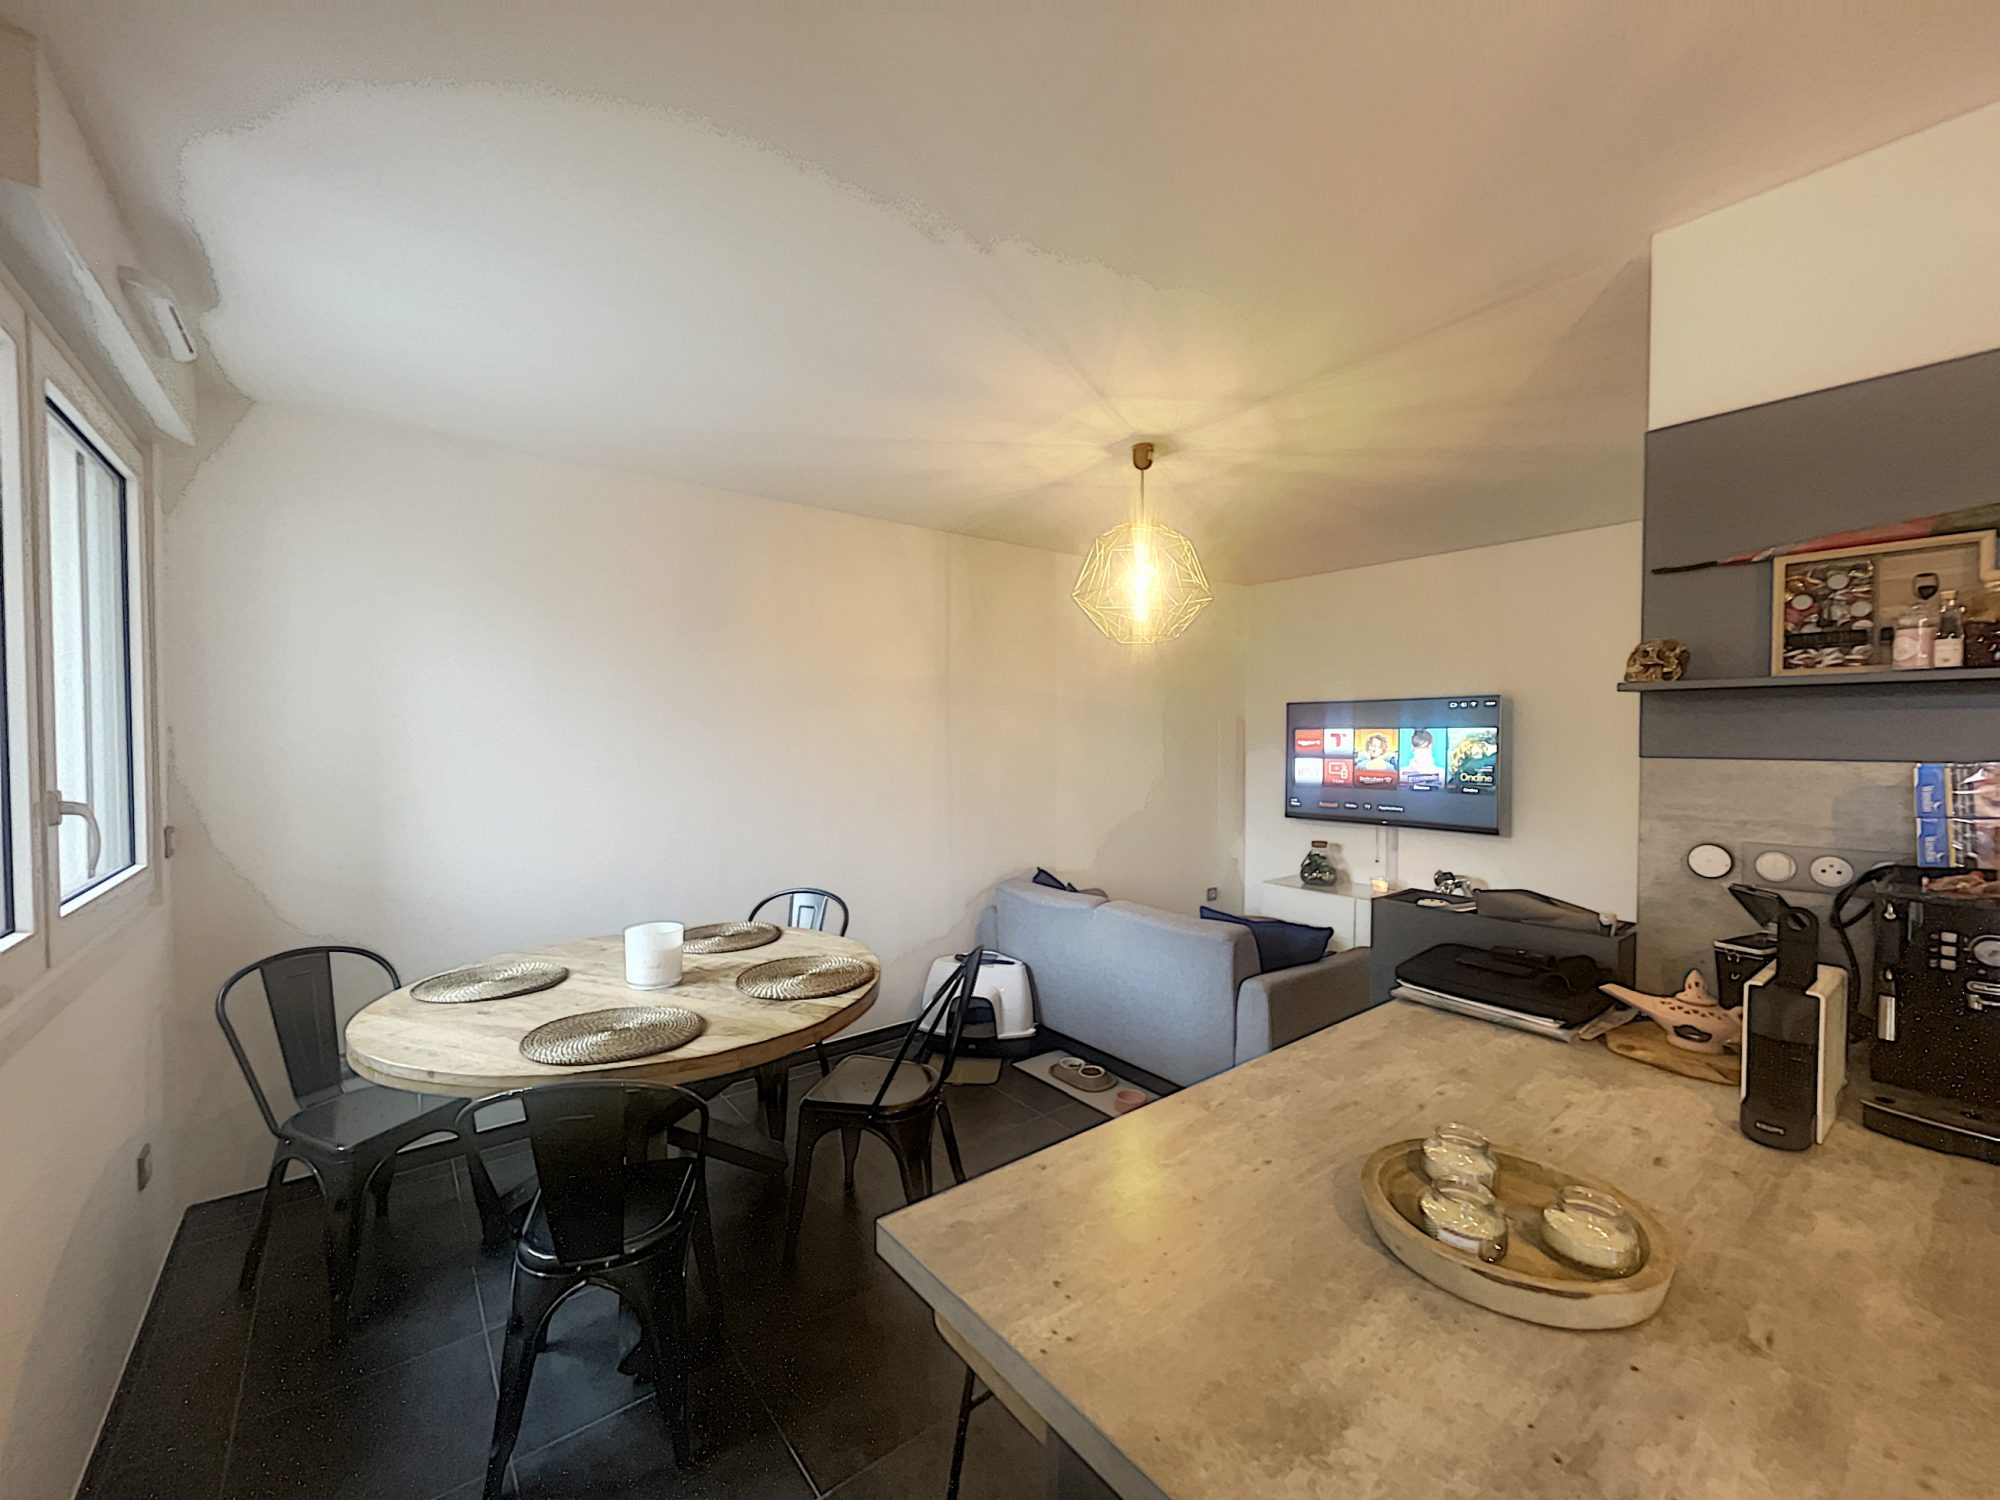 LINGOLSHEIM Appartement 3 pièces 60,38m2